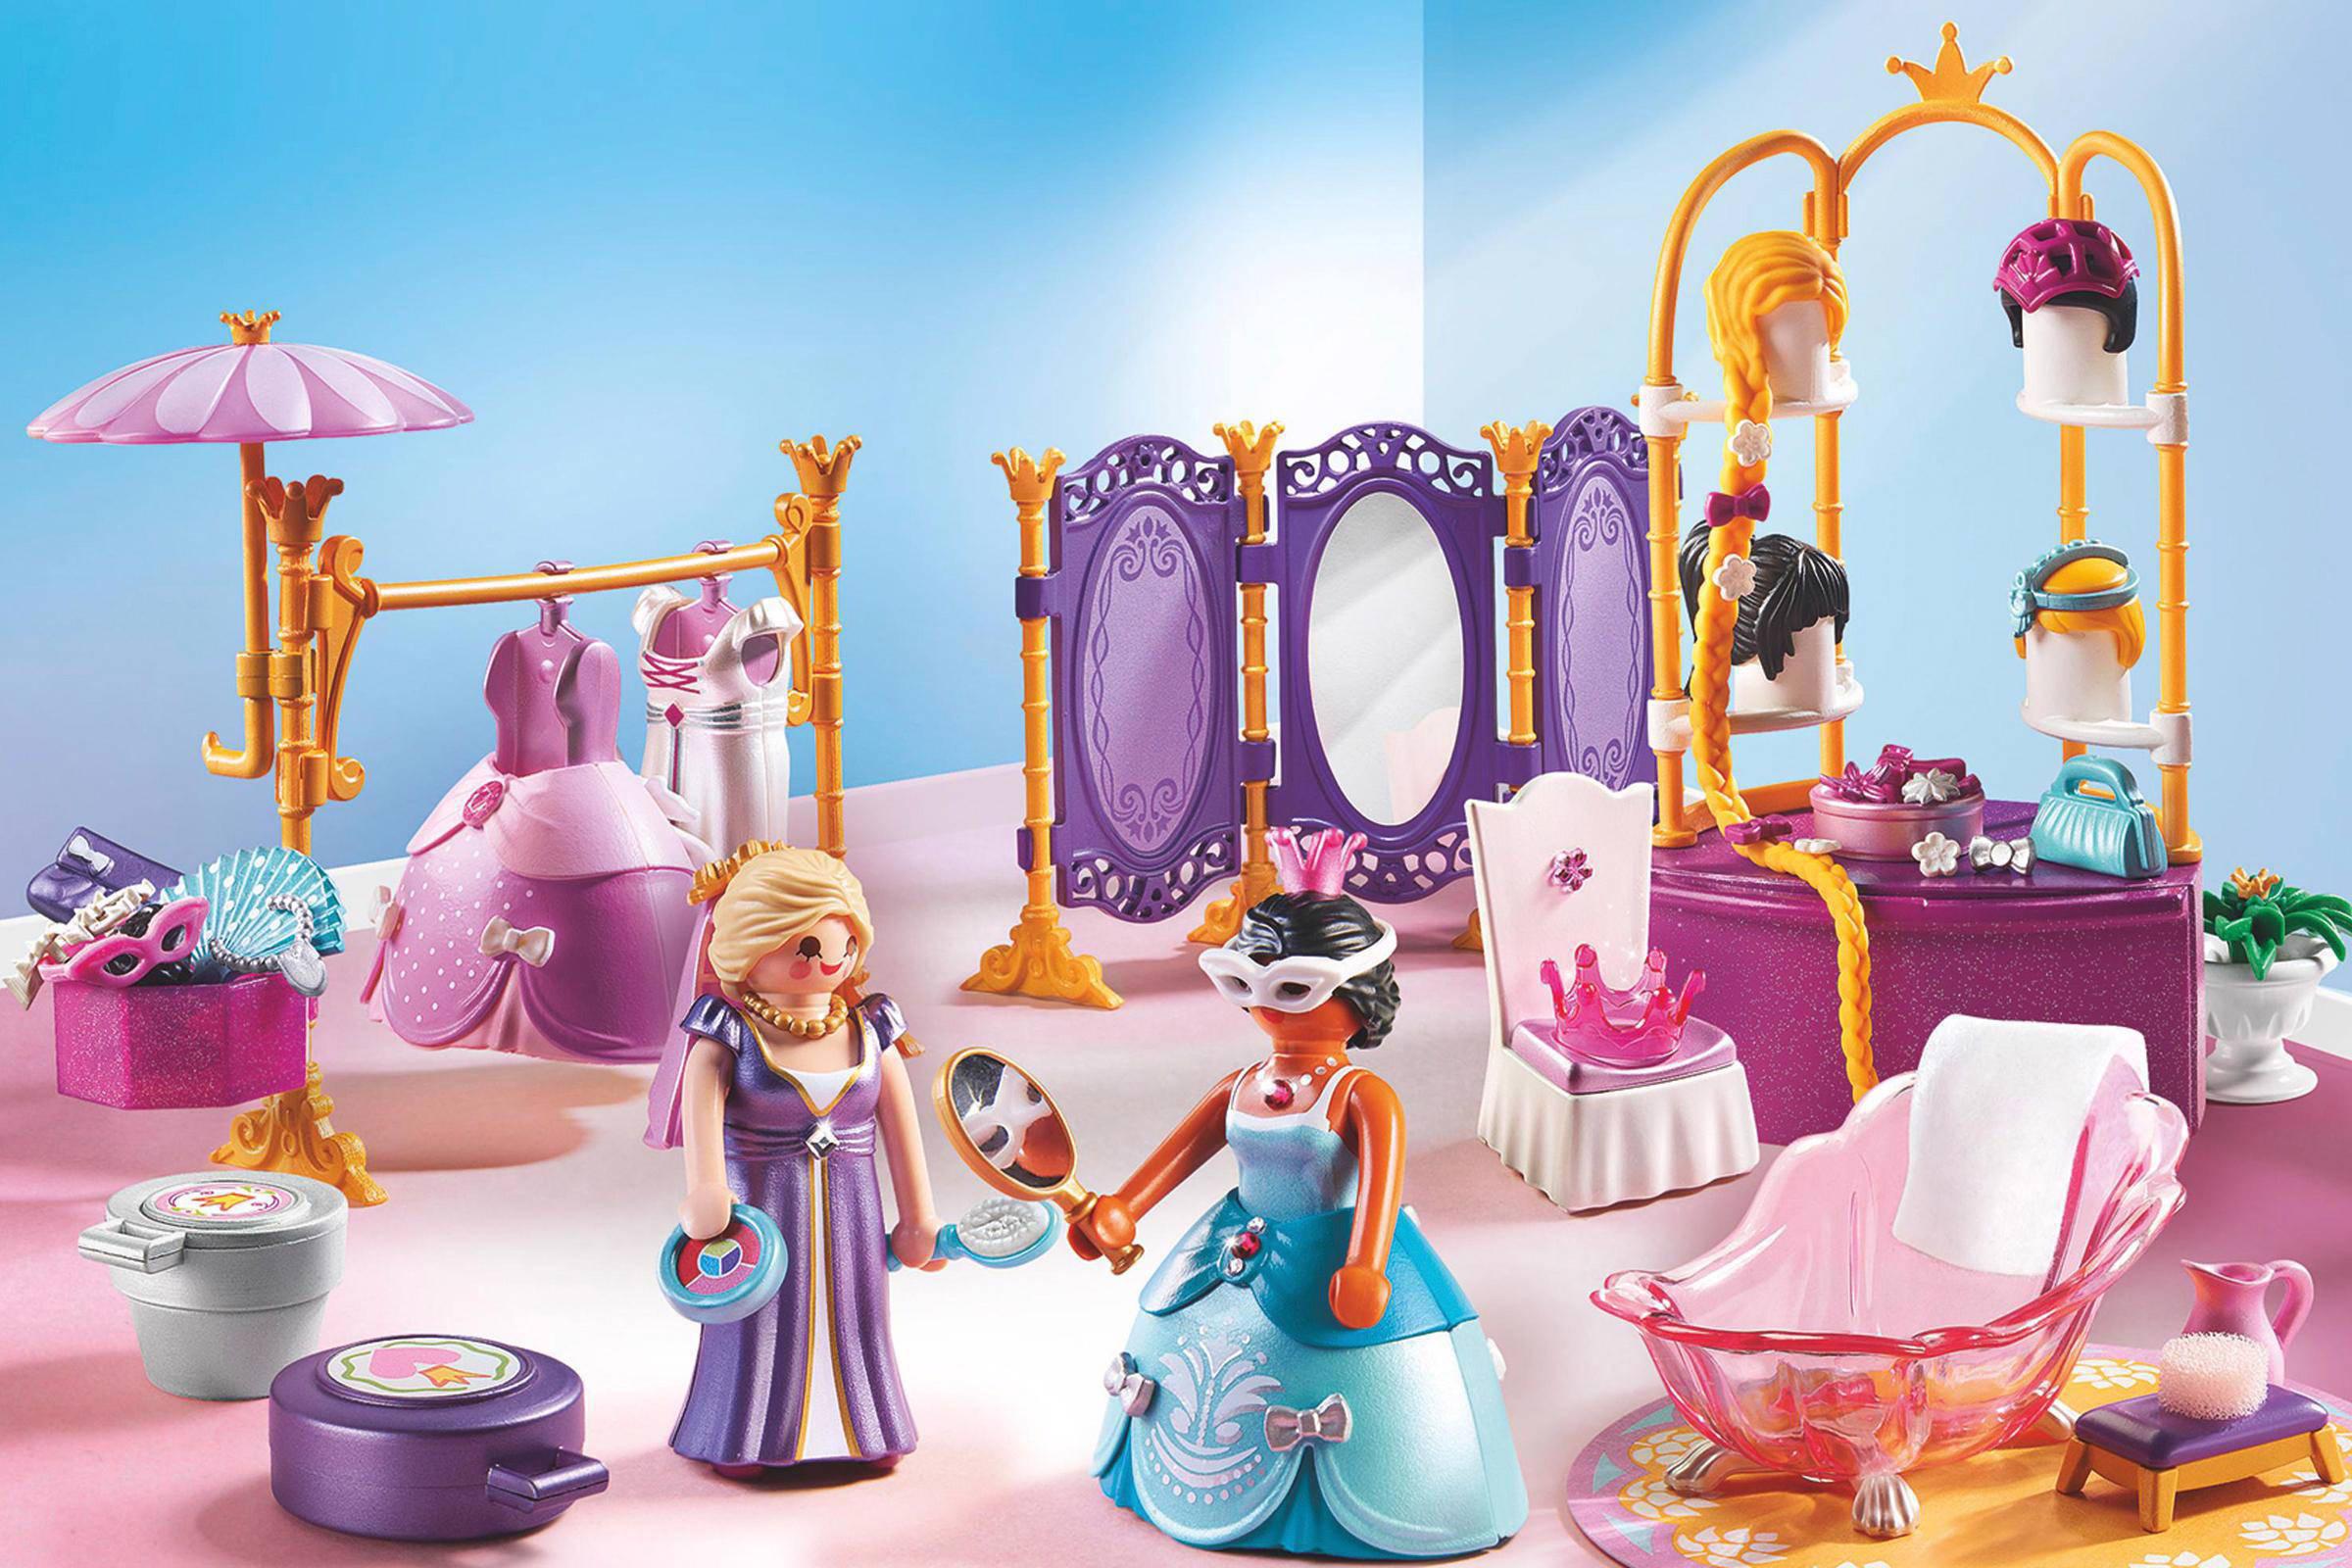 Playmobil princess koninklijke paskamer en schoonheidssalon